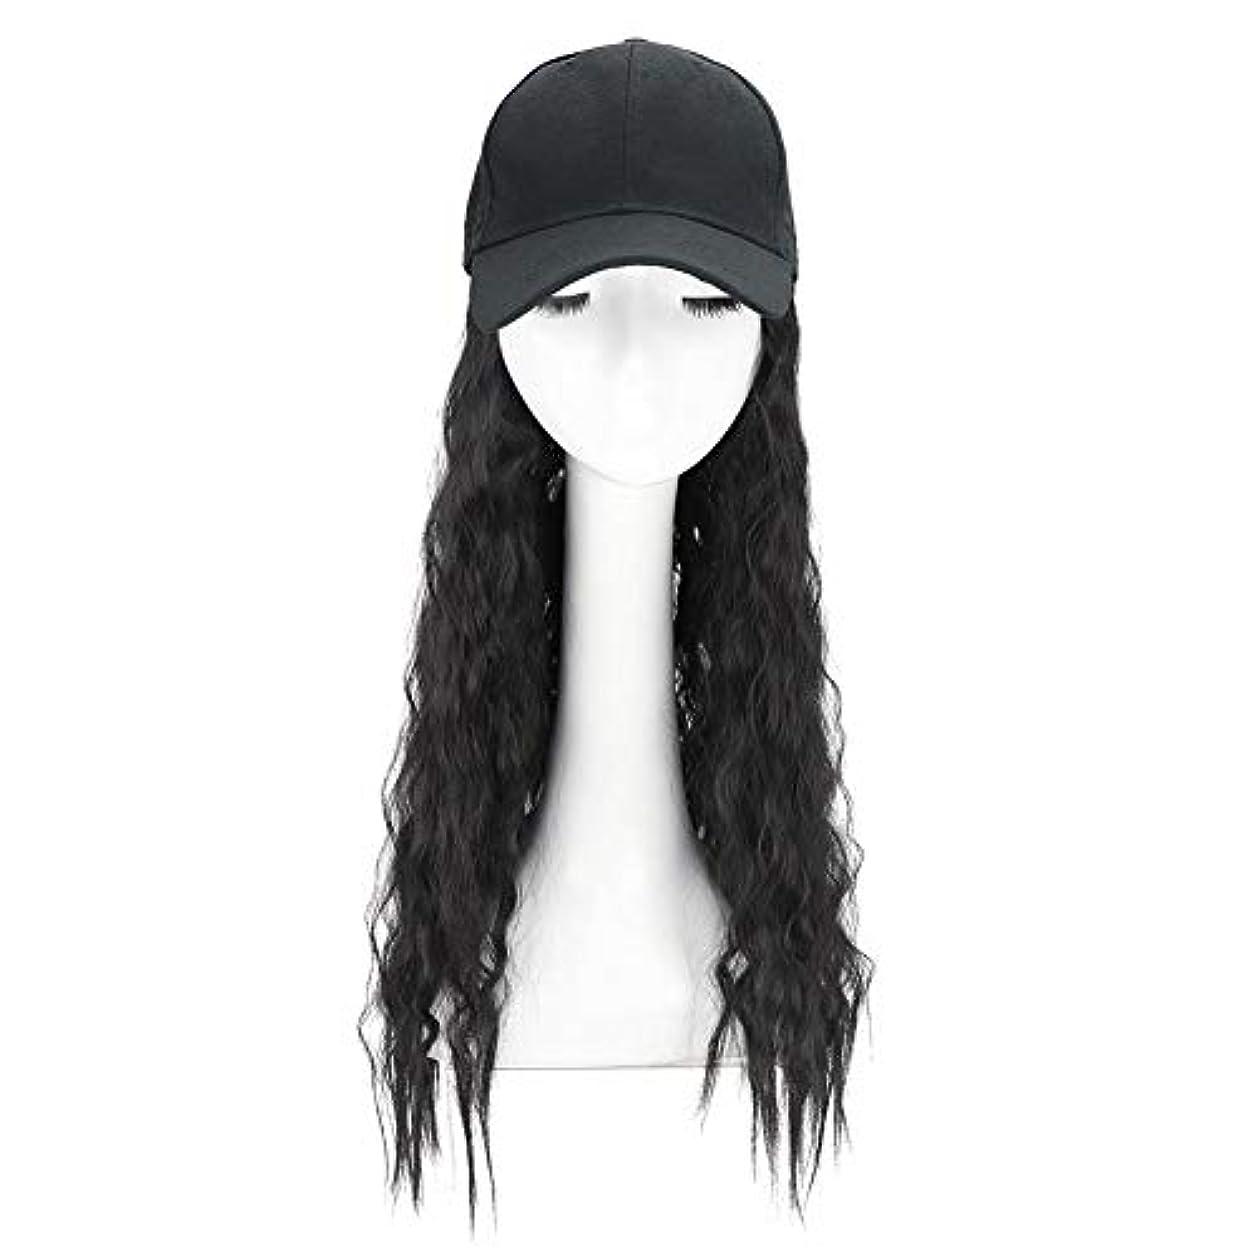 ぴかぴかバルク氏Brill(ブリーオ)帽子ロングカーリーウェーブ女性ファッション野球帽ブラックウィッグ